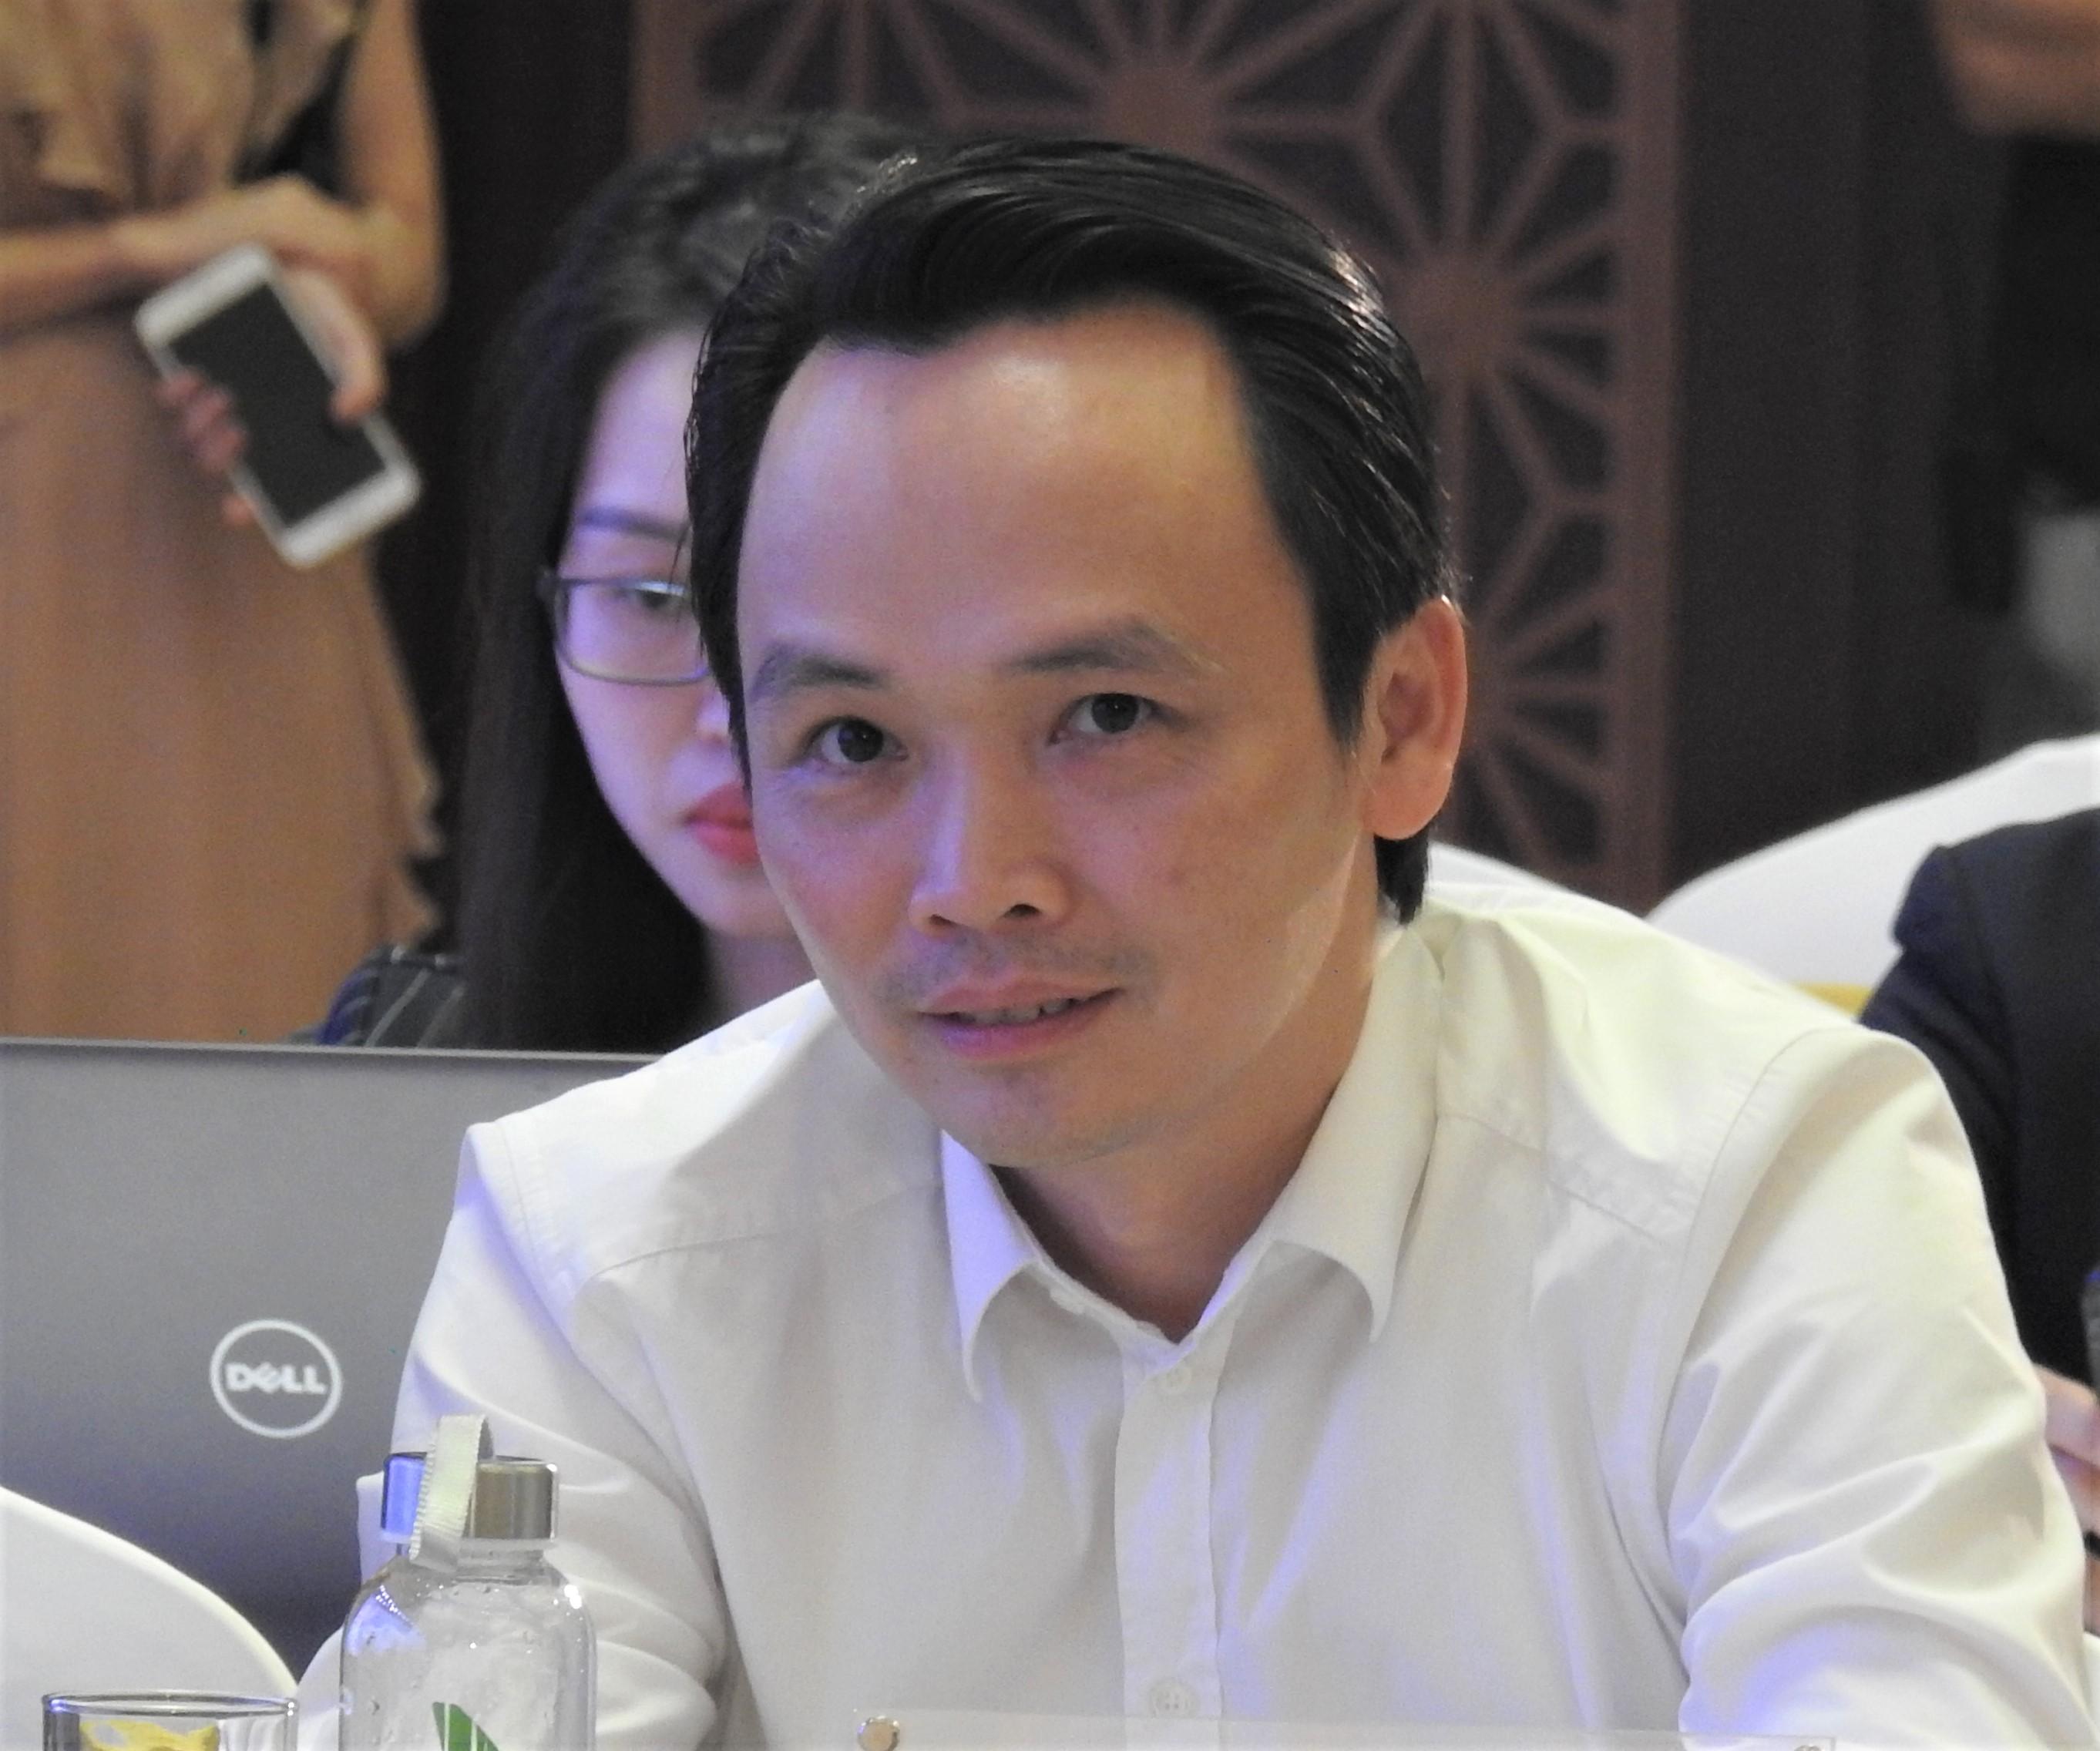 Ông Trịnh Văn Quyết có thêm gần 1 tỷ USD trên sàn chứng khoán nếu Bamboo Airways niêm yết - Ảnh 1.